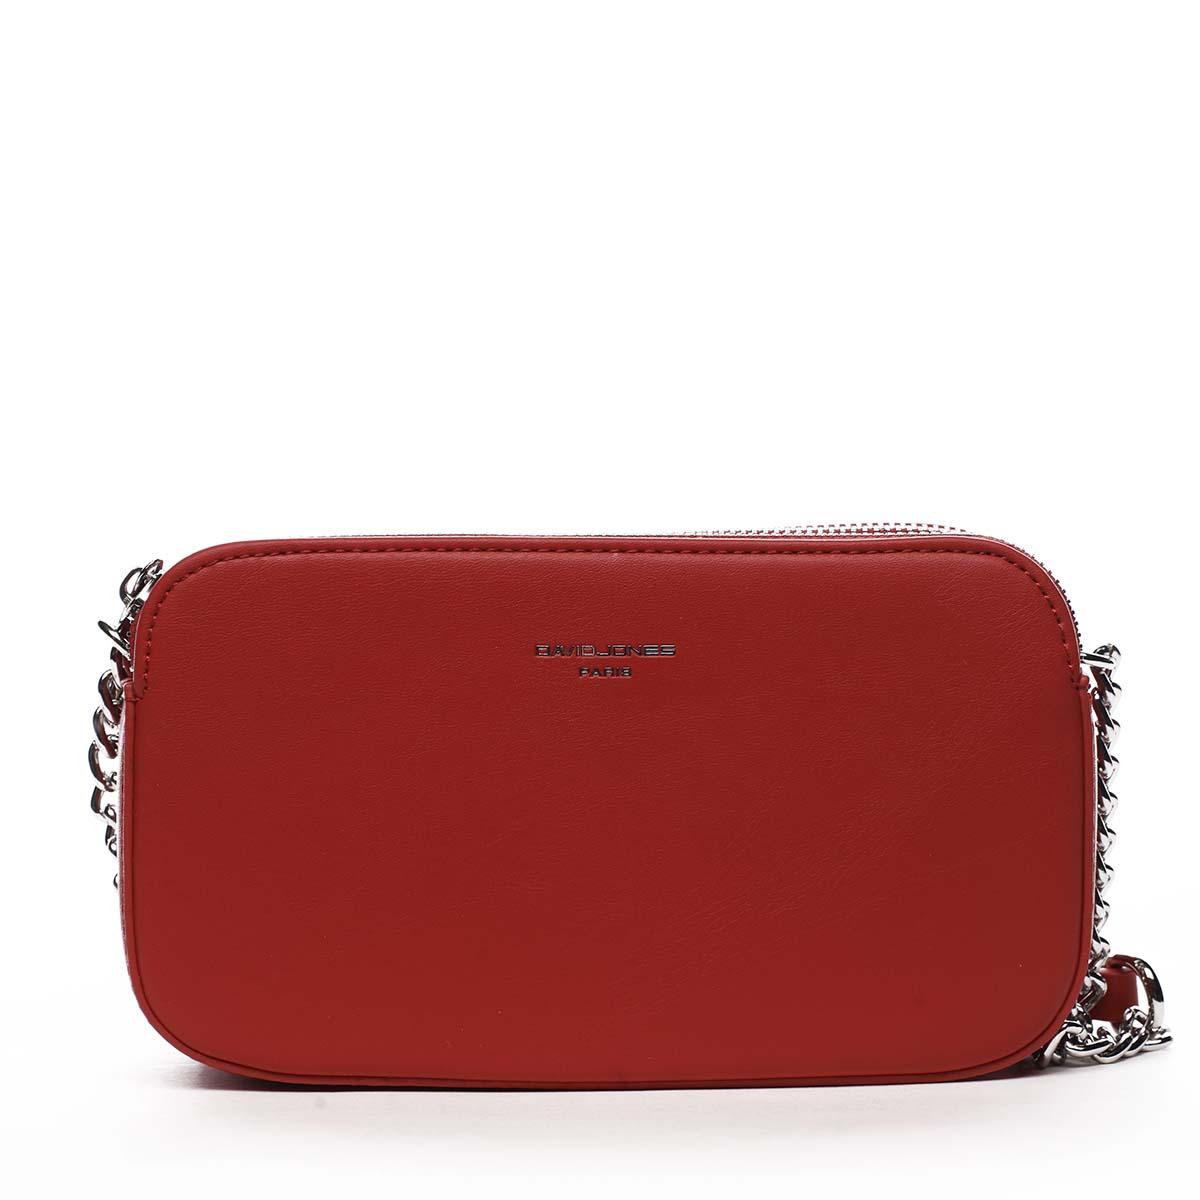 Malá dámská crossbody kabelka červená - David Jones Lily